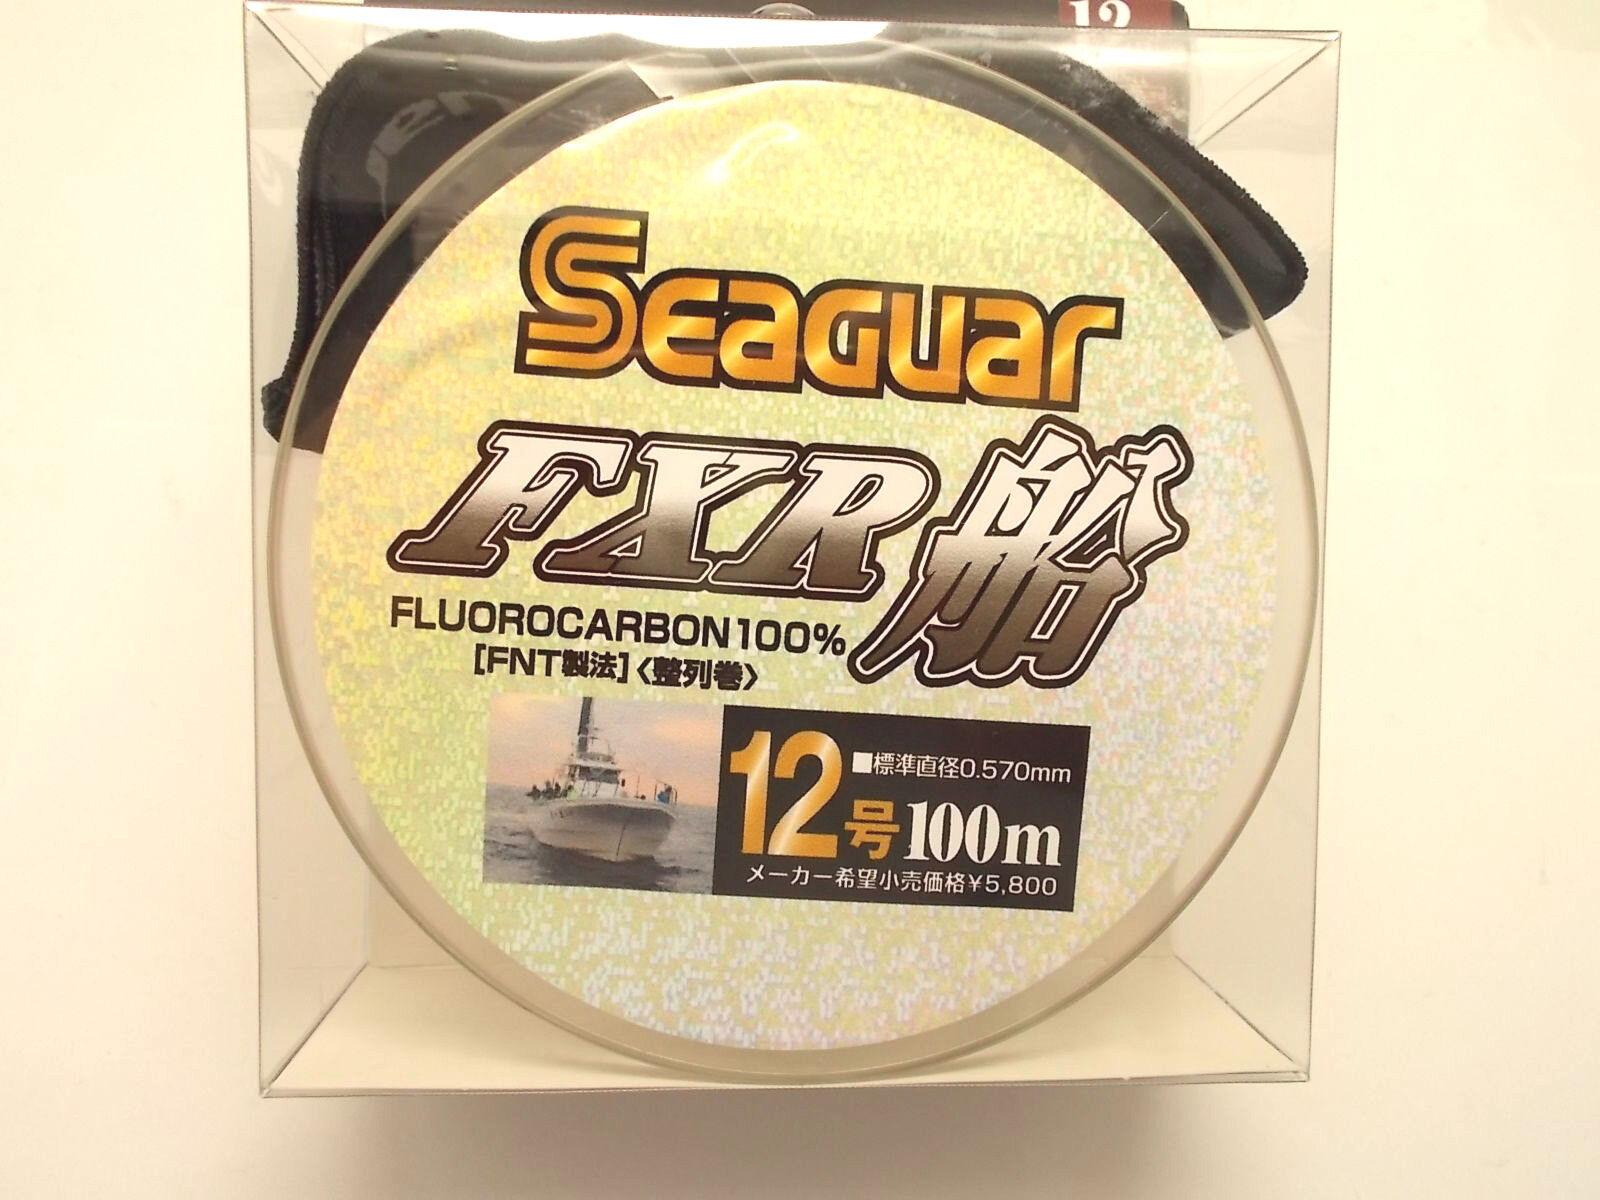 SEAGUAR FXR FLUgoldCARBON LEADER LINE 100m - lb 0.570mm  From Japan